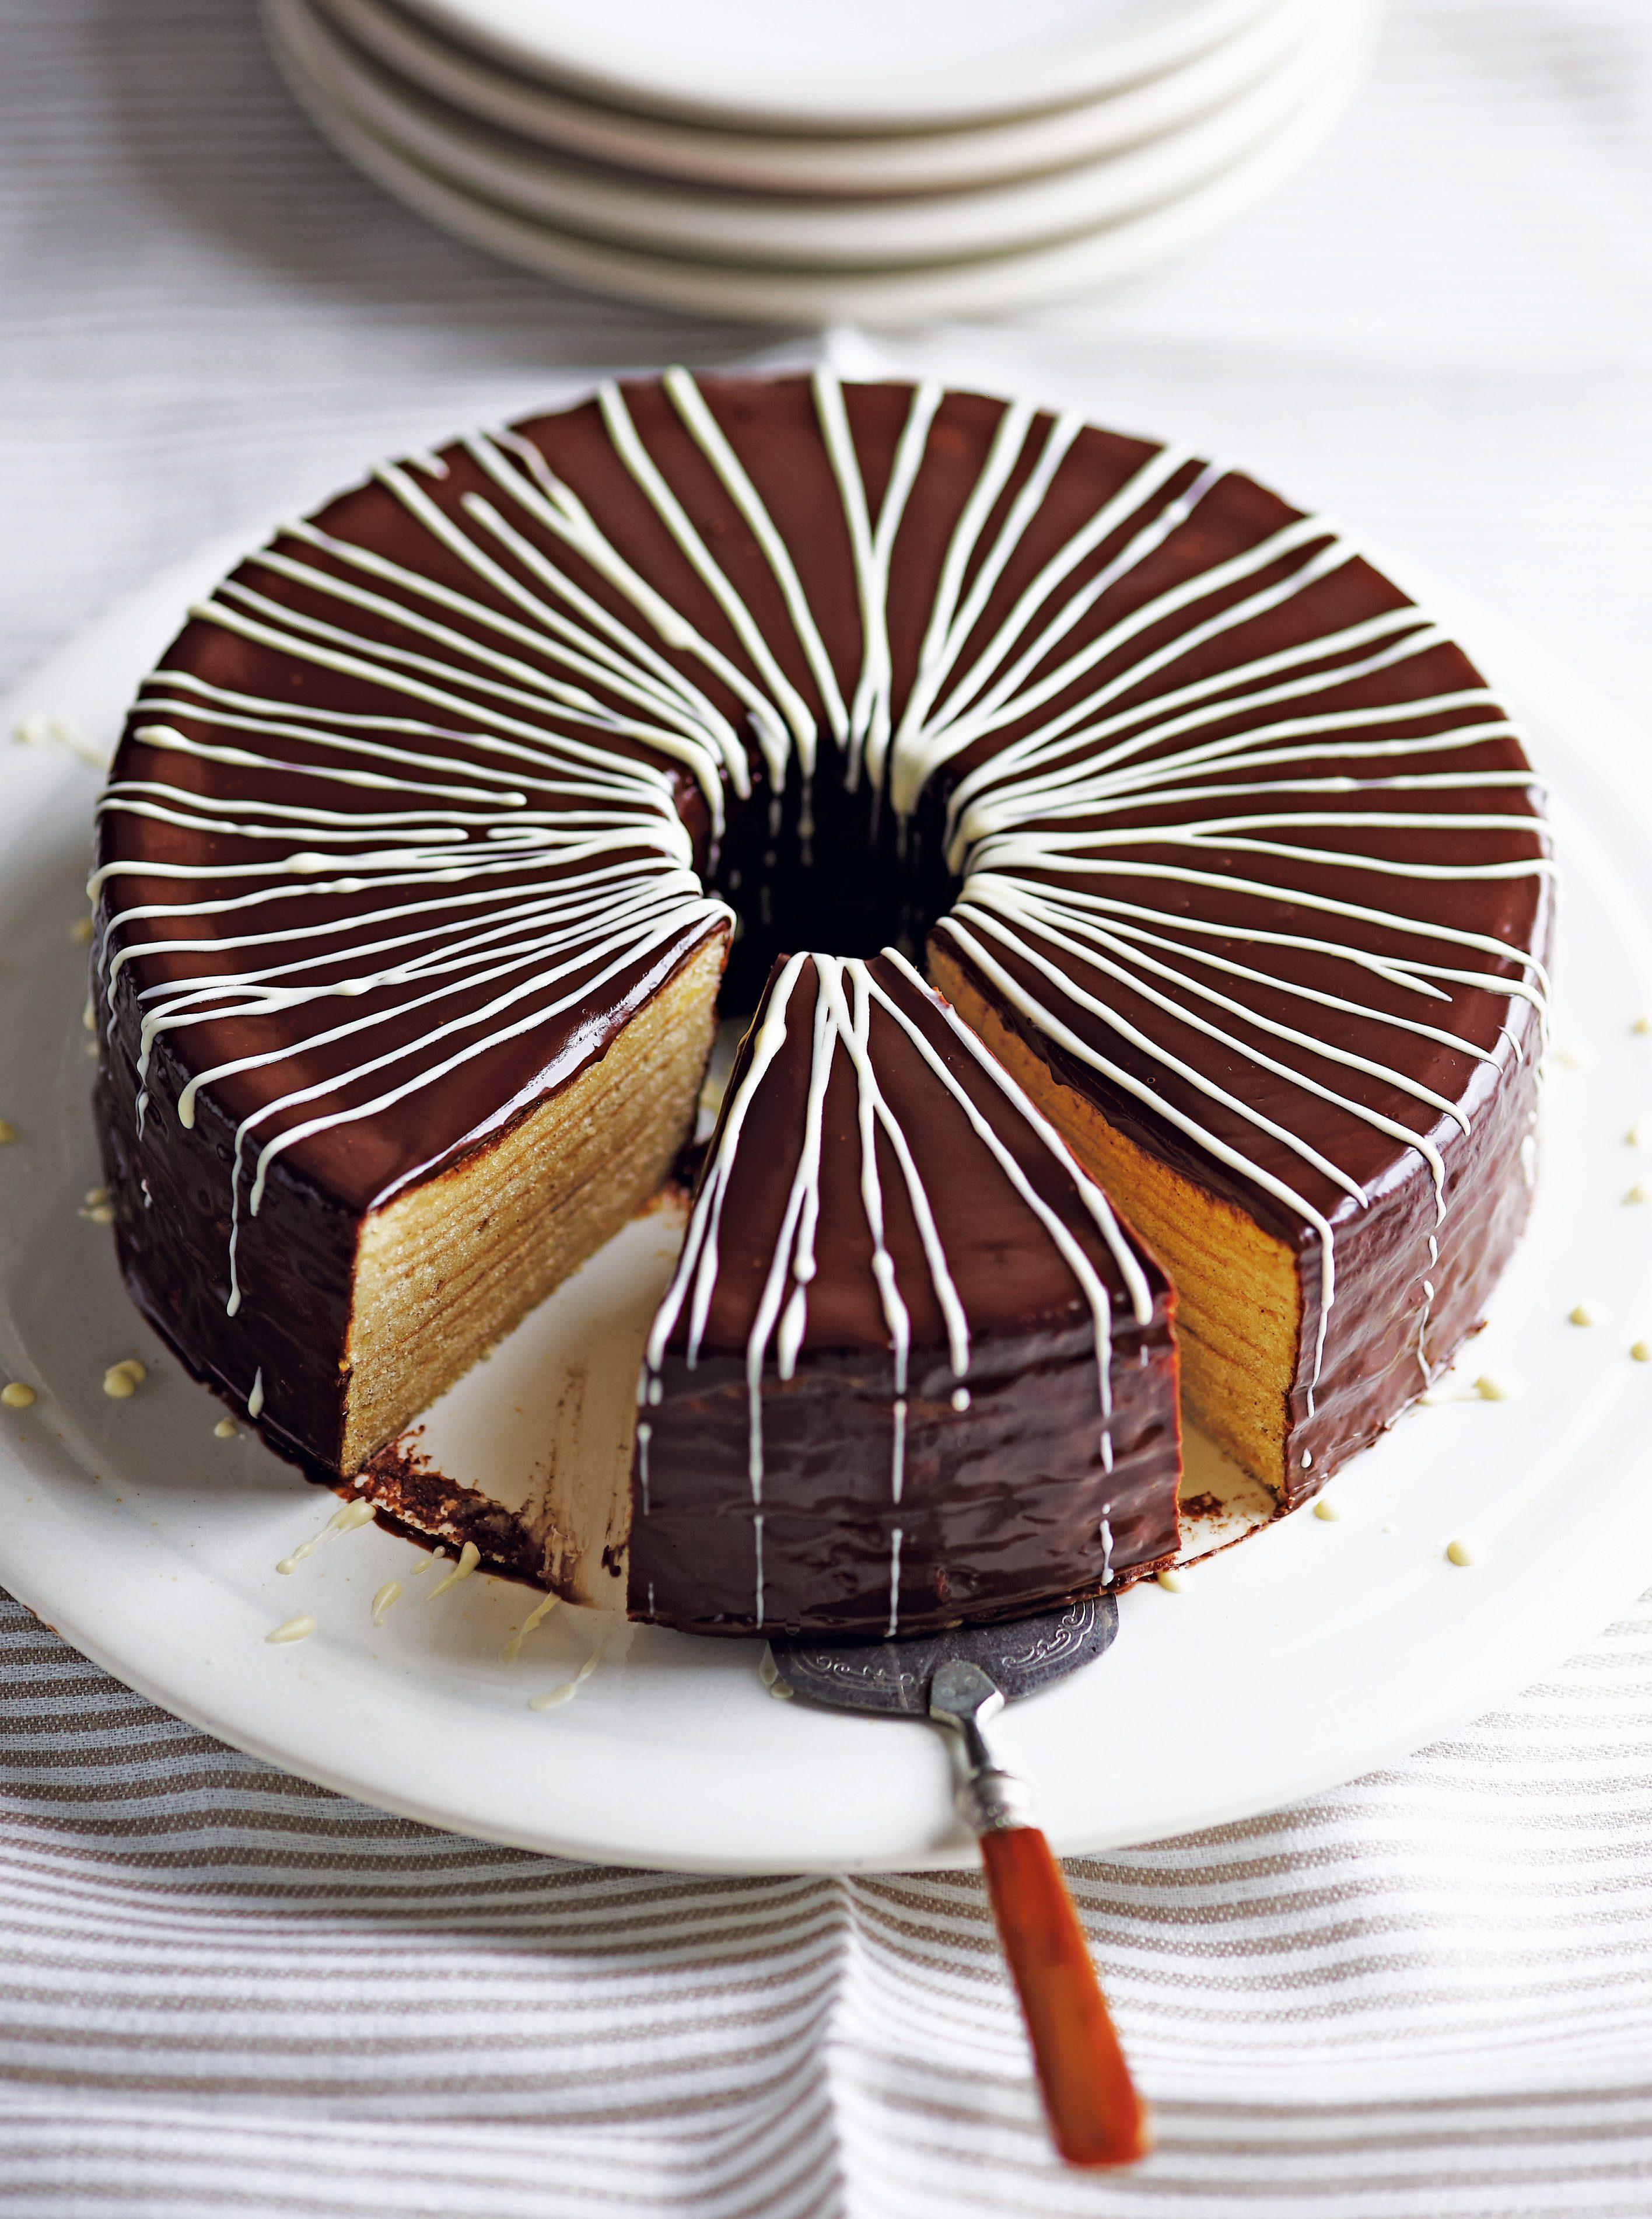 Rețetă de prăjitură cu rom condimentat Bamkuchen - tort de Crăciun german stratificat acoperit cu glazură de ciocolată și linii de ciocolată albă